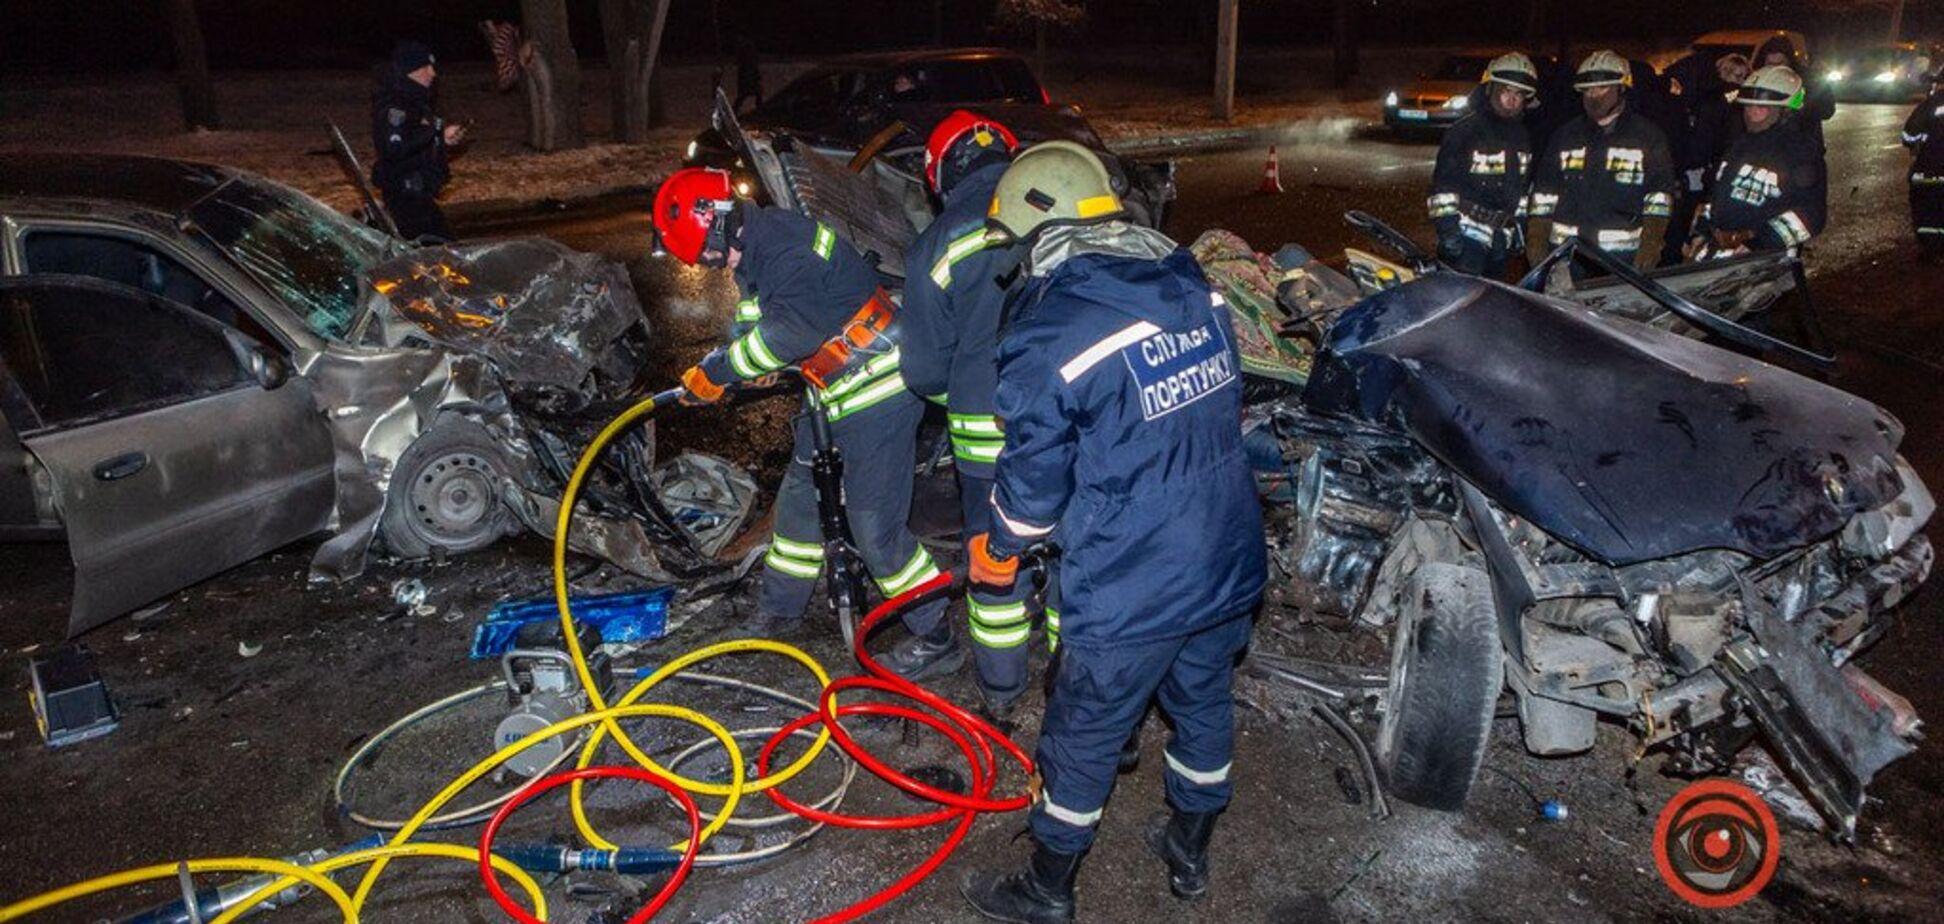 Тіла вирізали із залишків авто: в Дніпрі трапилася страшна лобова ДТП. Фото і відео